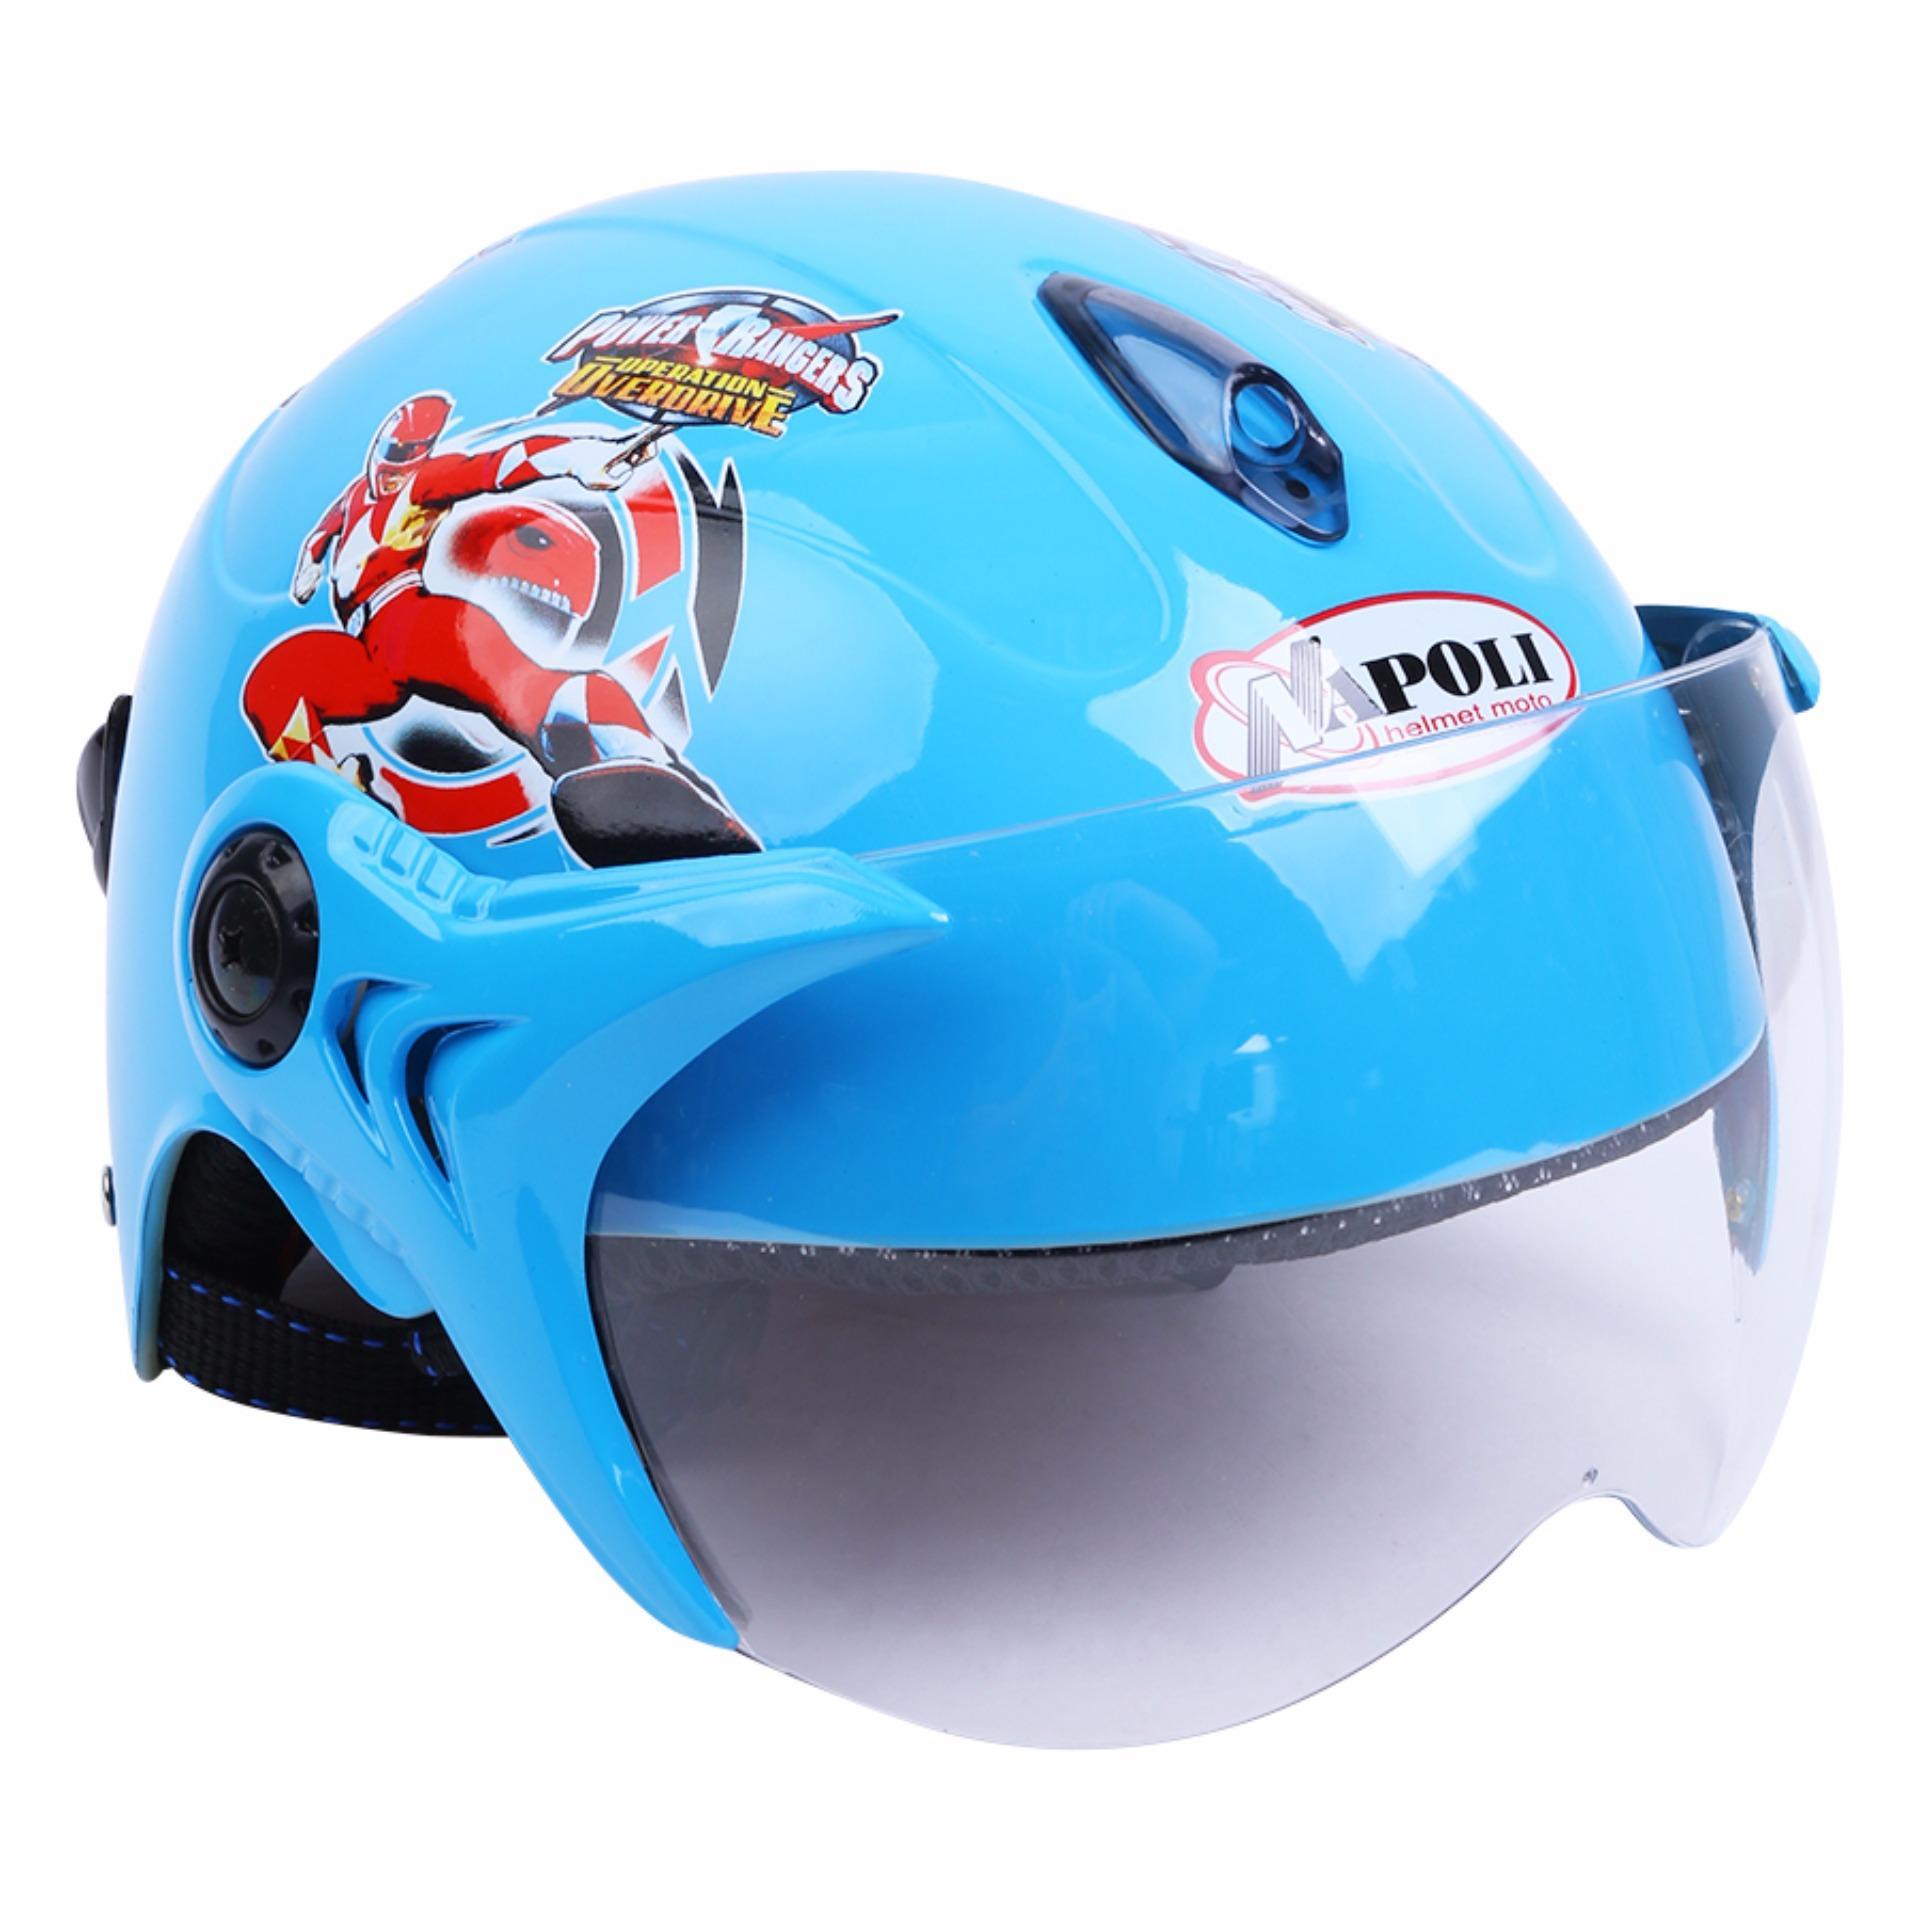 Mũ bảo hiểm trẻ em Napoli 5 anh em siêu nhân N02 XD - Bảo hành